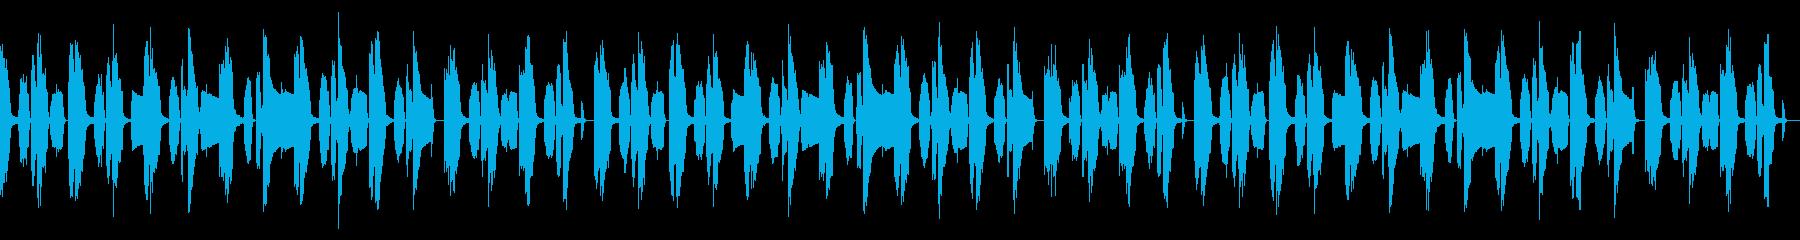 動画向け/ほのぼの/オルガン主体の再生済みの波形